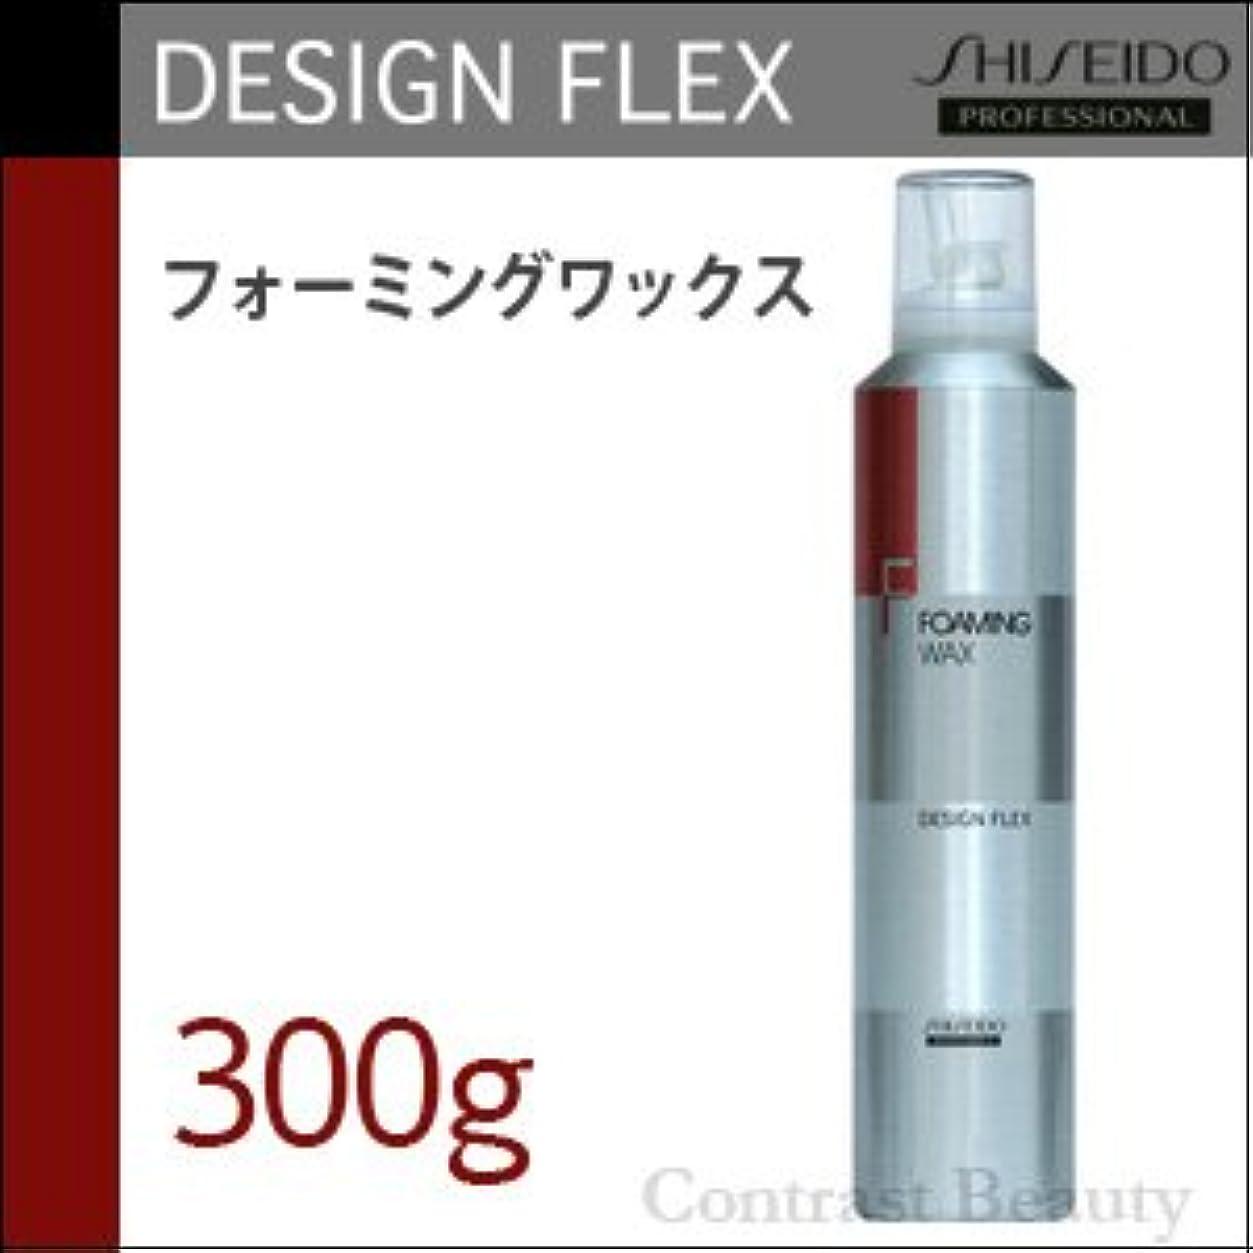 革命的原因犠牲【x2個セット】 資生堂 デザインフレックス フォーミングワックス 300g